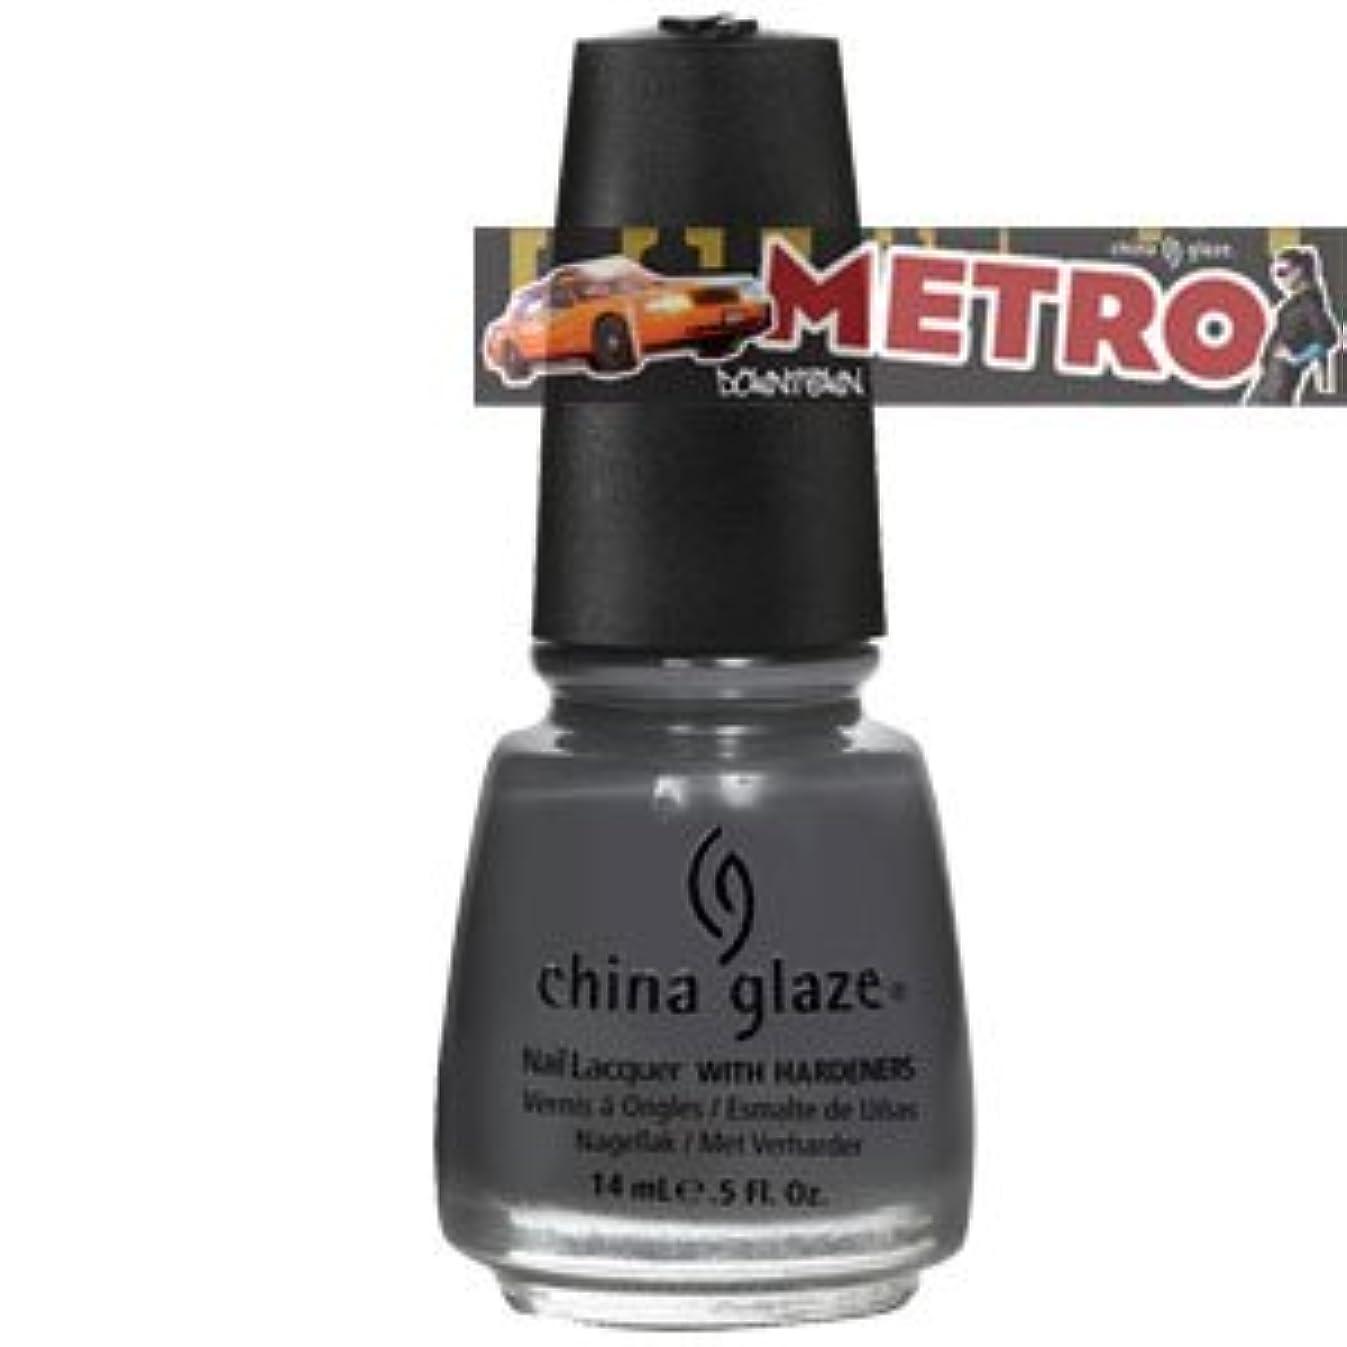 ズボン罹患率どれ(チャイナグレイズ)China Glaze メトロコレクション? Concrete Catwalk [海外直送品][並行輸入品]